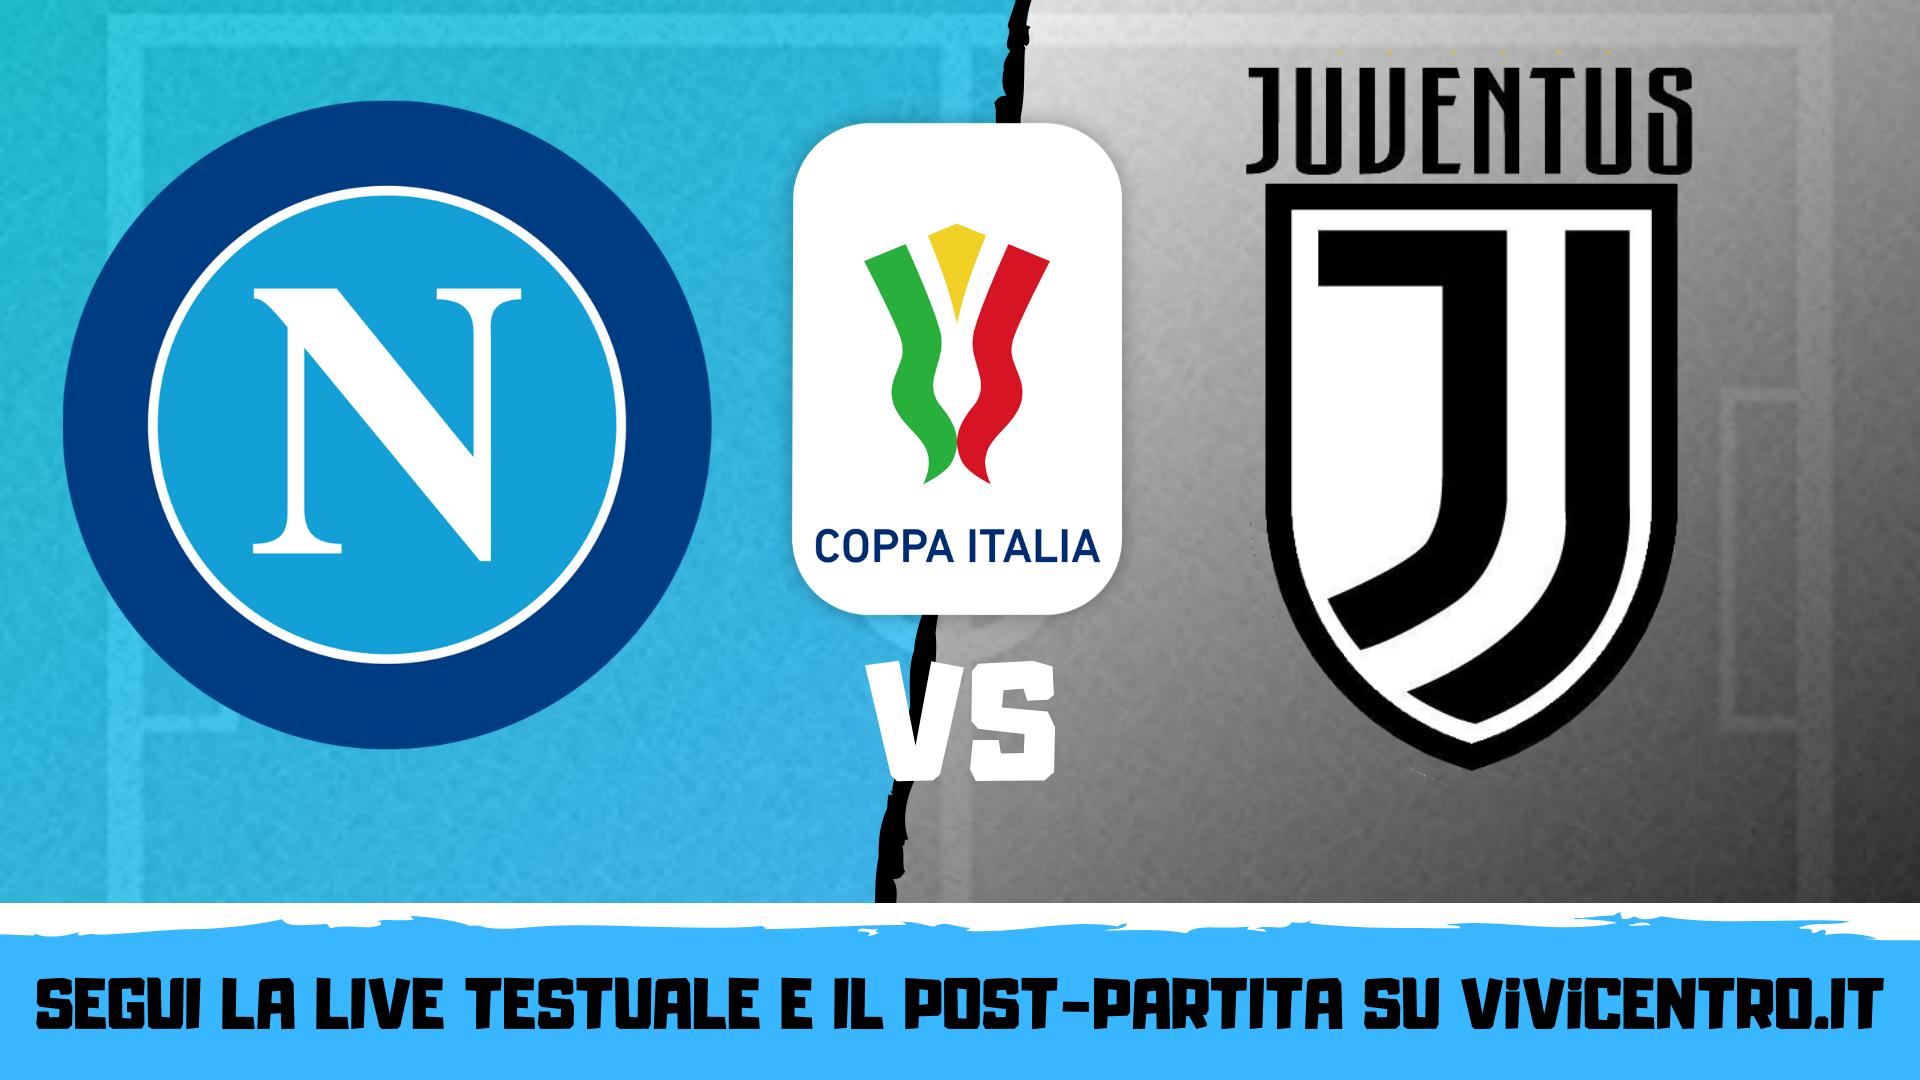 Napoli Juventus Coppa Italia foto free